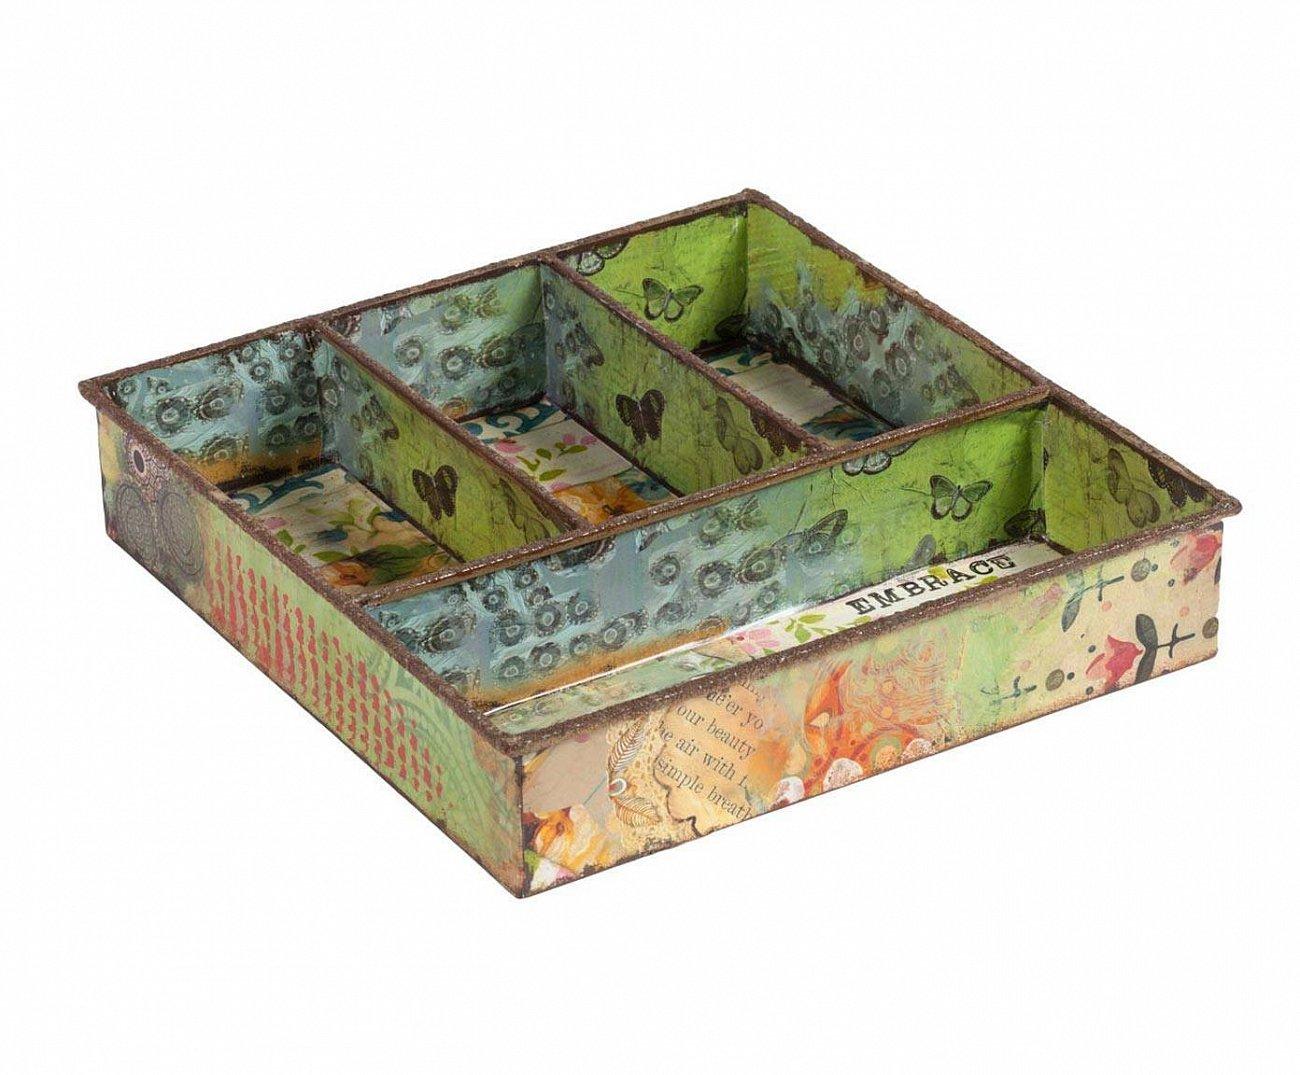 Купить Бокс для украшений и мелочей Ornements в интернет магазине дизайнерской мебели и аксессуаров для дома и дачи